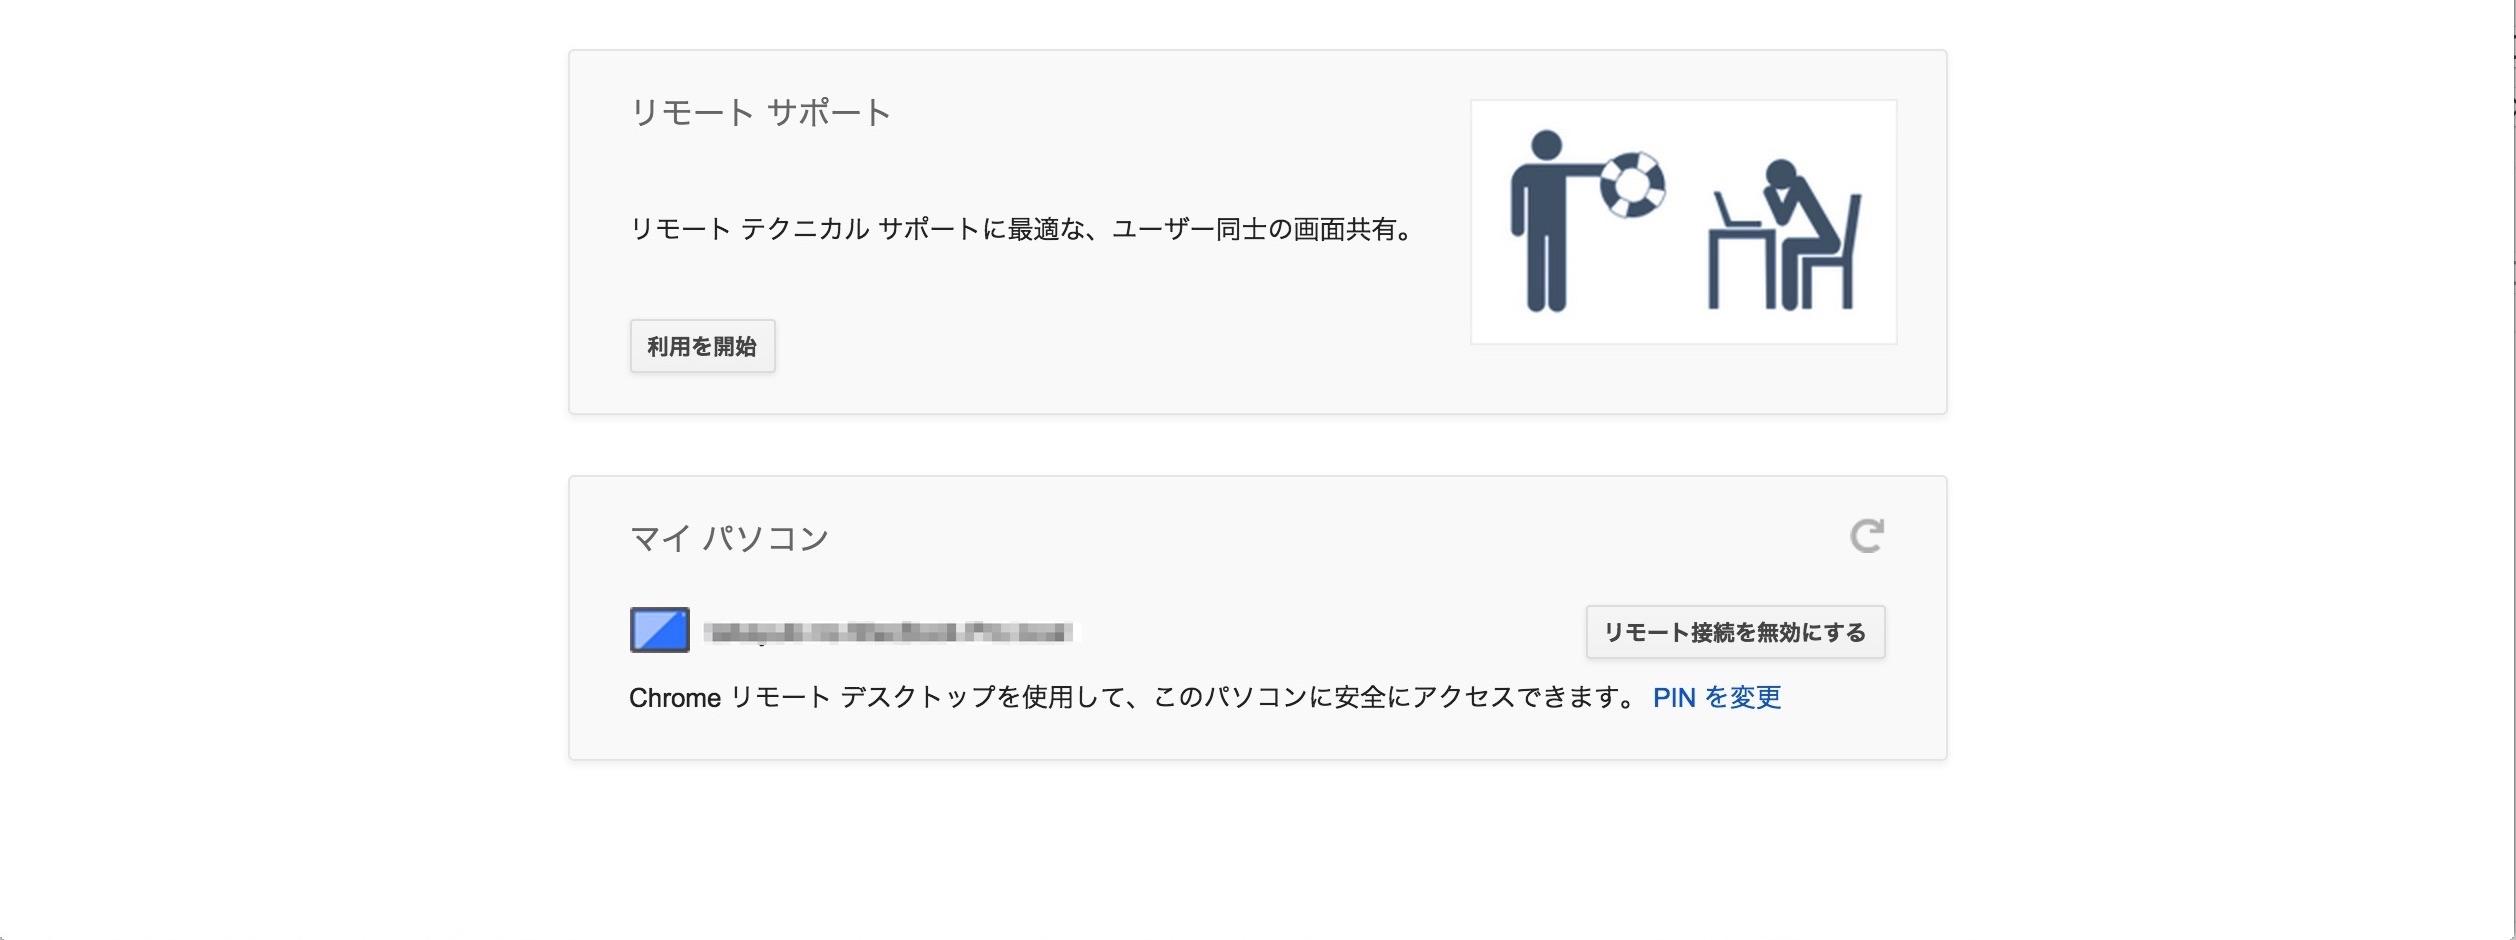 Chrome記事10